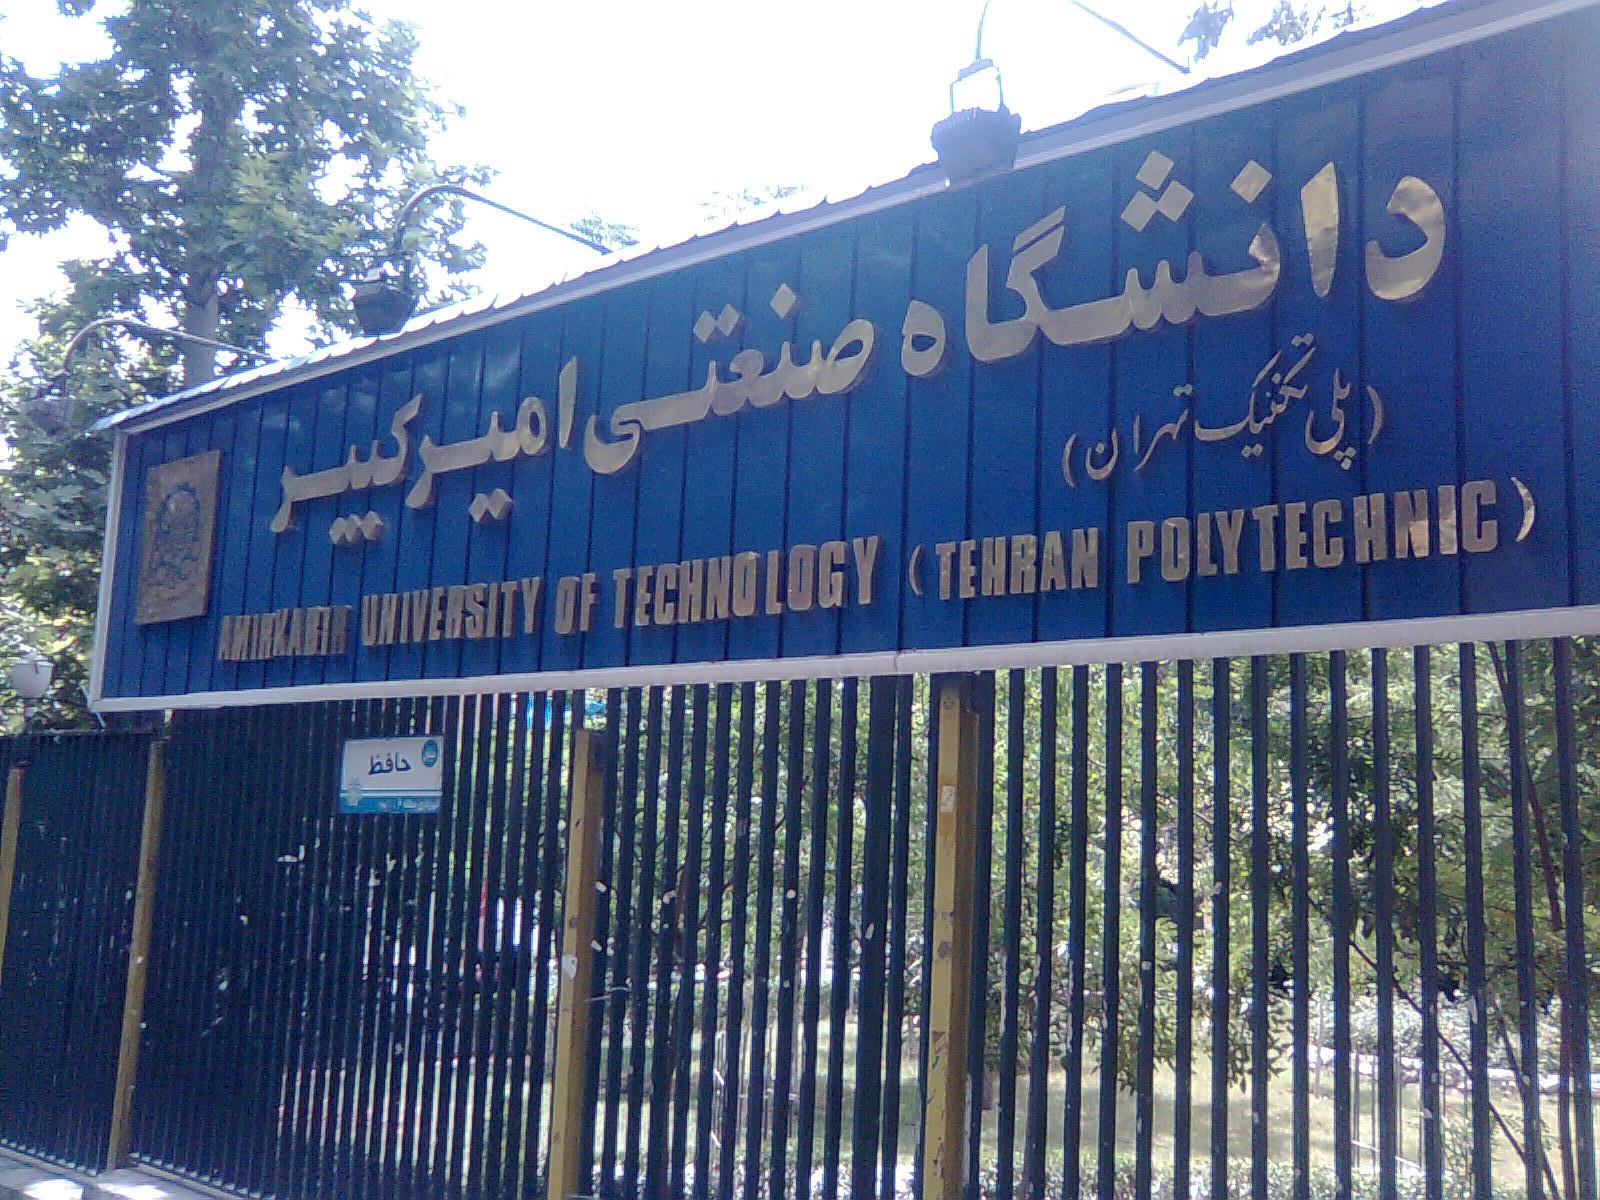 تلاش دانشگاه امیرکبیر برای کسب رتبه 100 در جهان